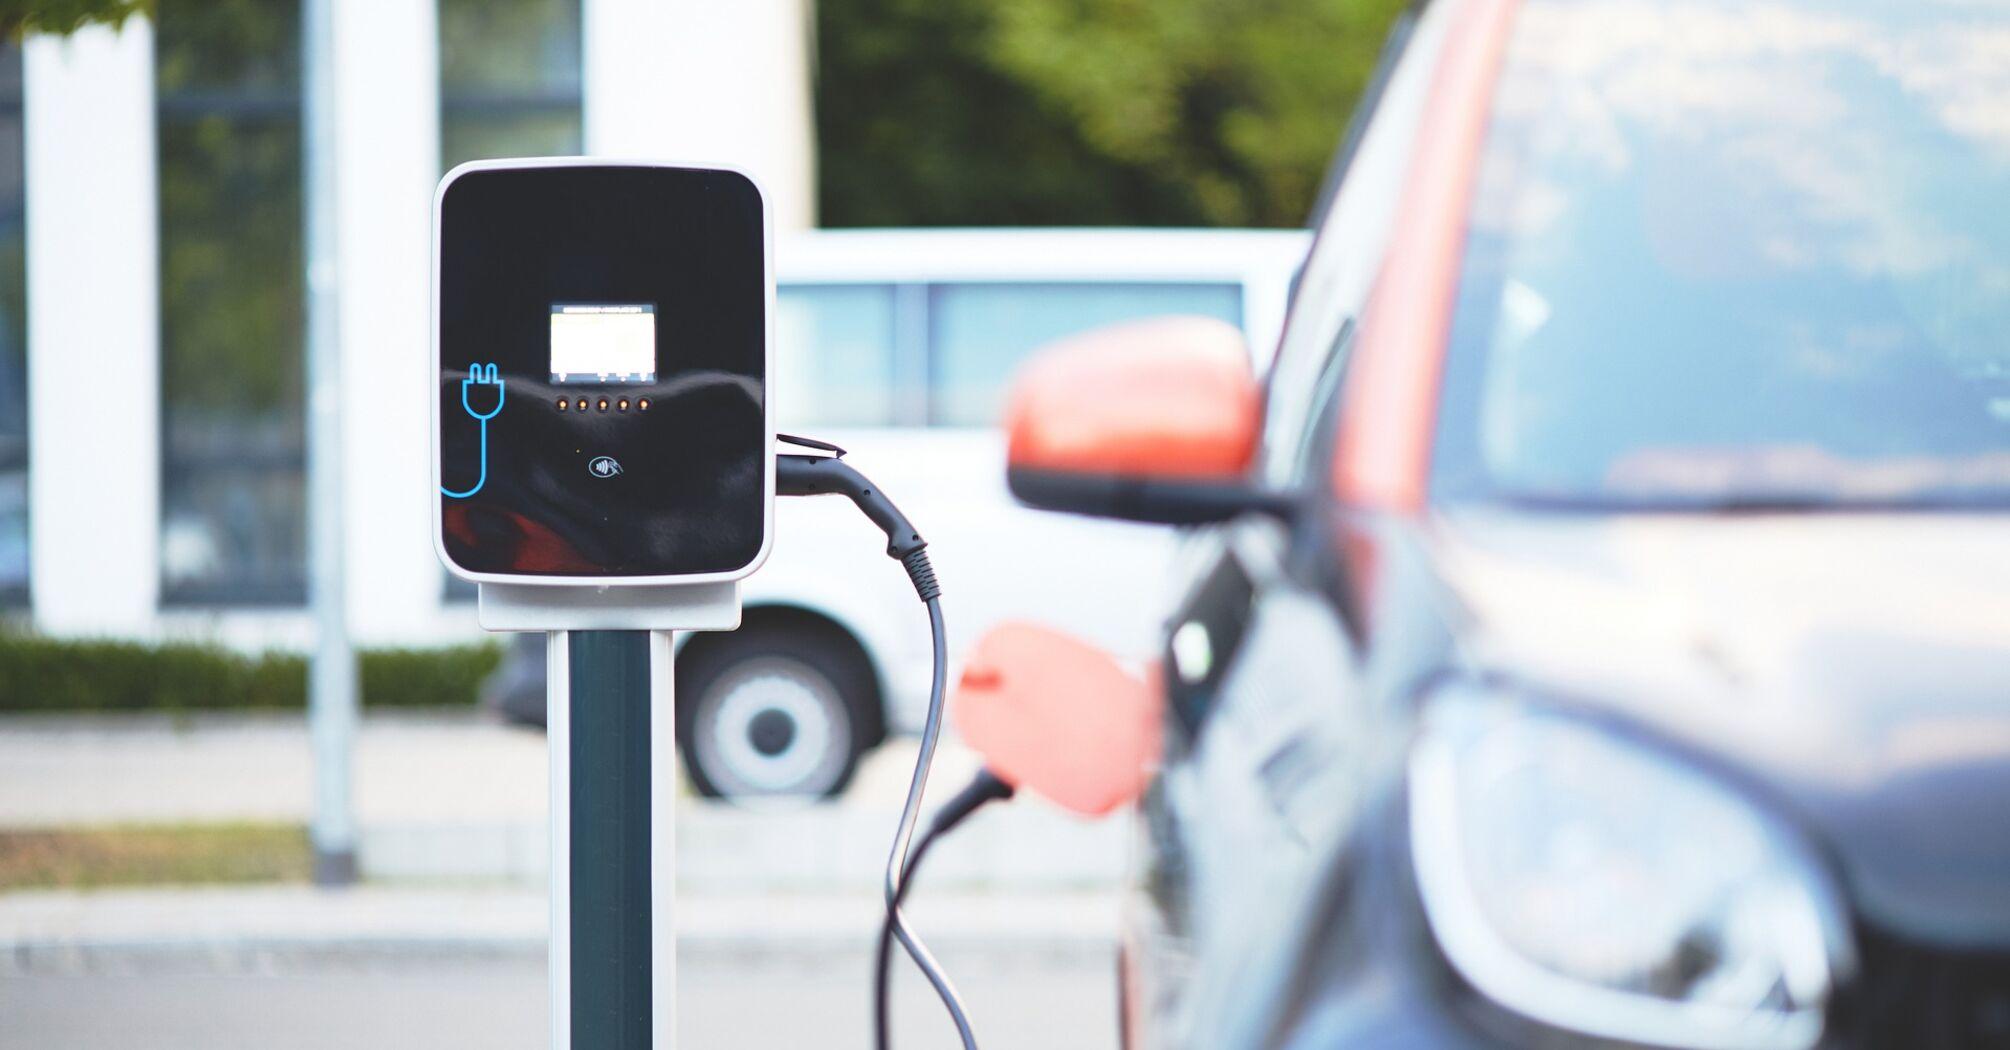 Електрокари в 2025 році будуть прибутковіші за традиційні авто, стверджує Volkswagen